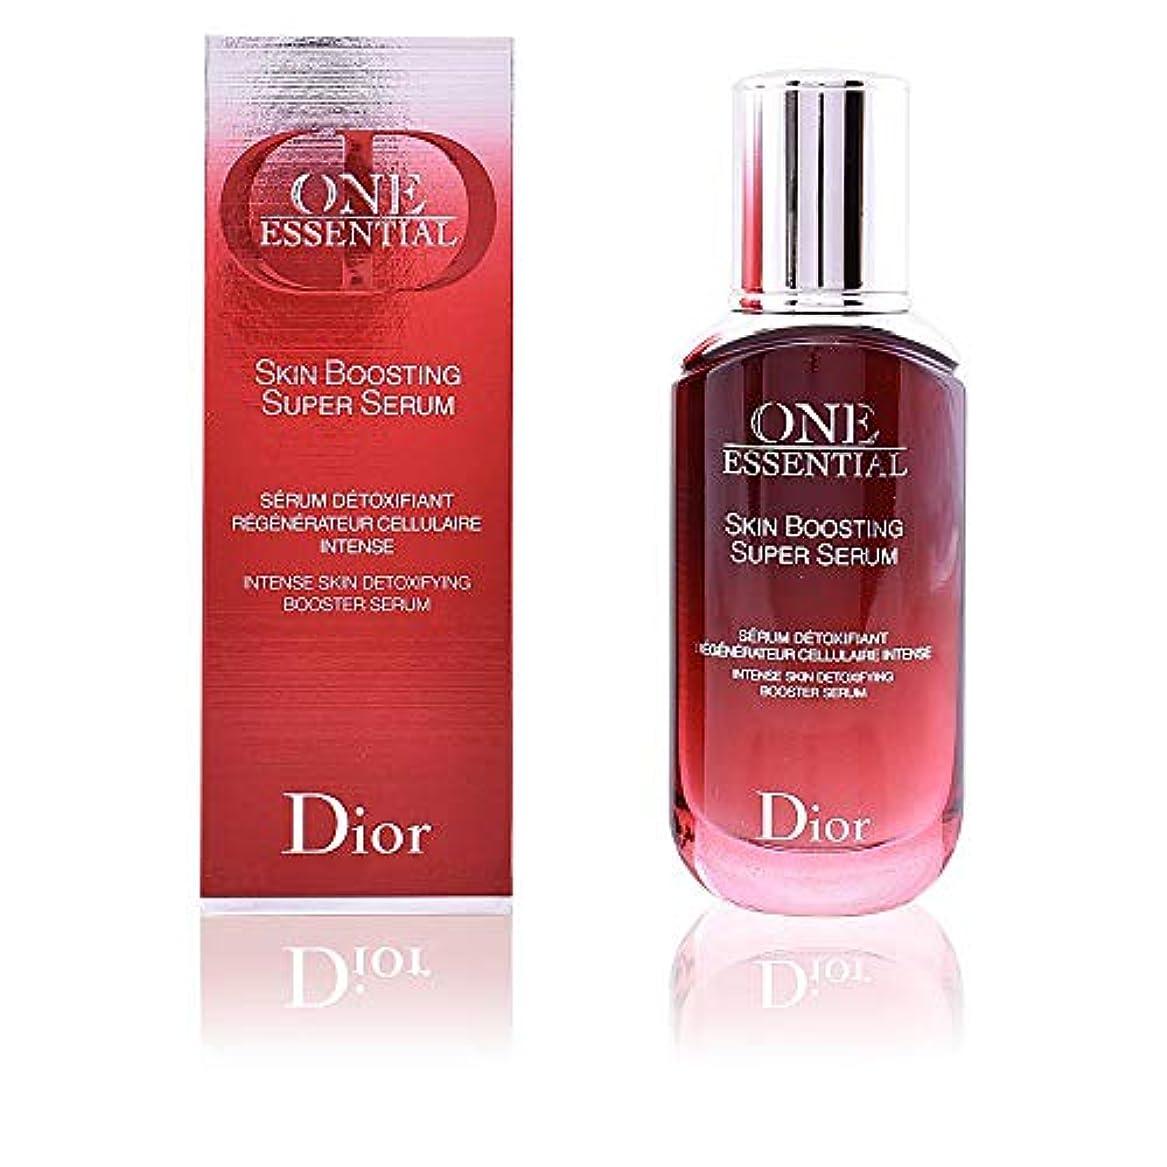 アンタゴニスト私明らかにクリスチャンディオール One Essential Skin Boosting Super Serum 50ml/1.7oz並行輸入品